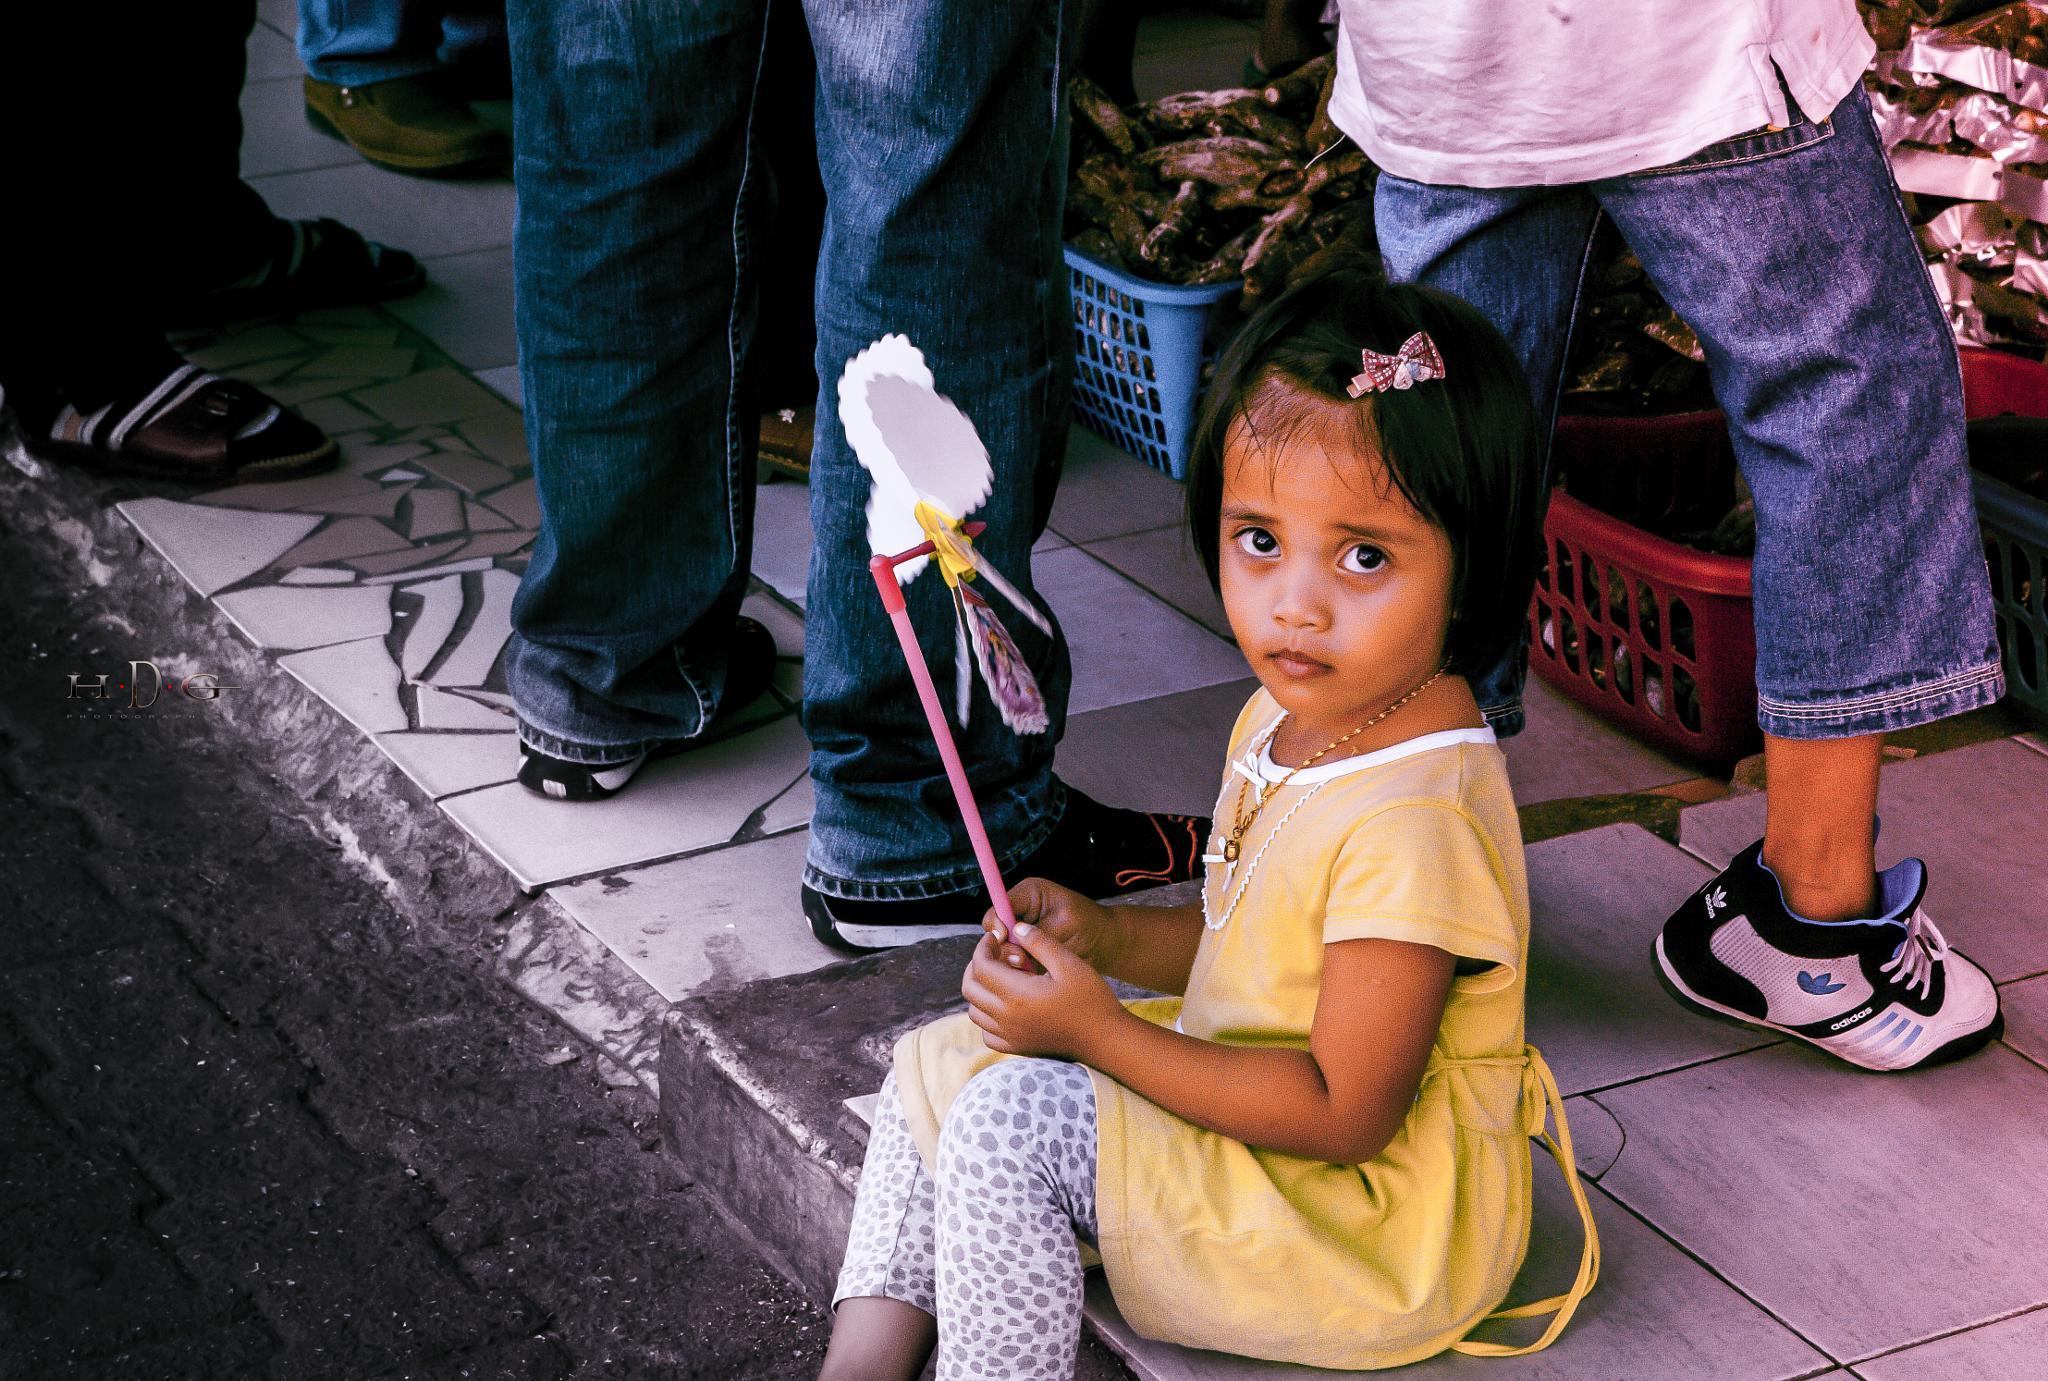 la petite fille du marché ( Sandakan ) 2015 by Didier Guilleux ( Studio Reflex Urbain  ) hdgphotographia.com